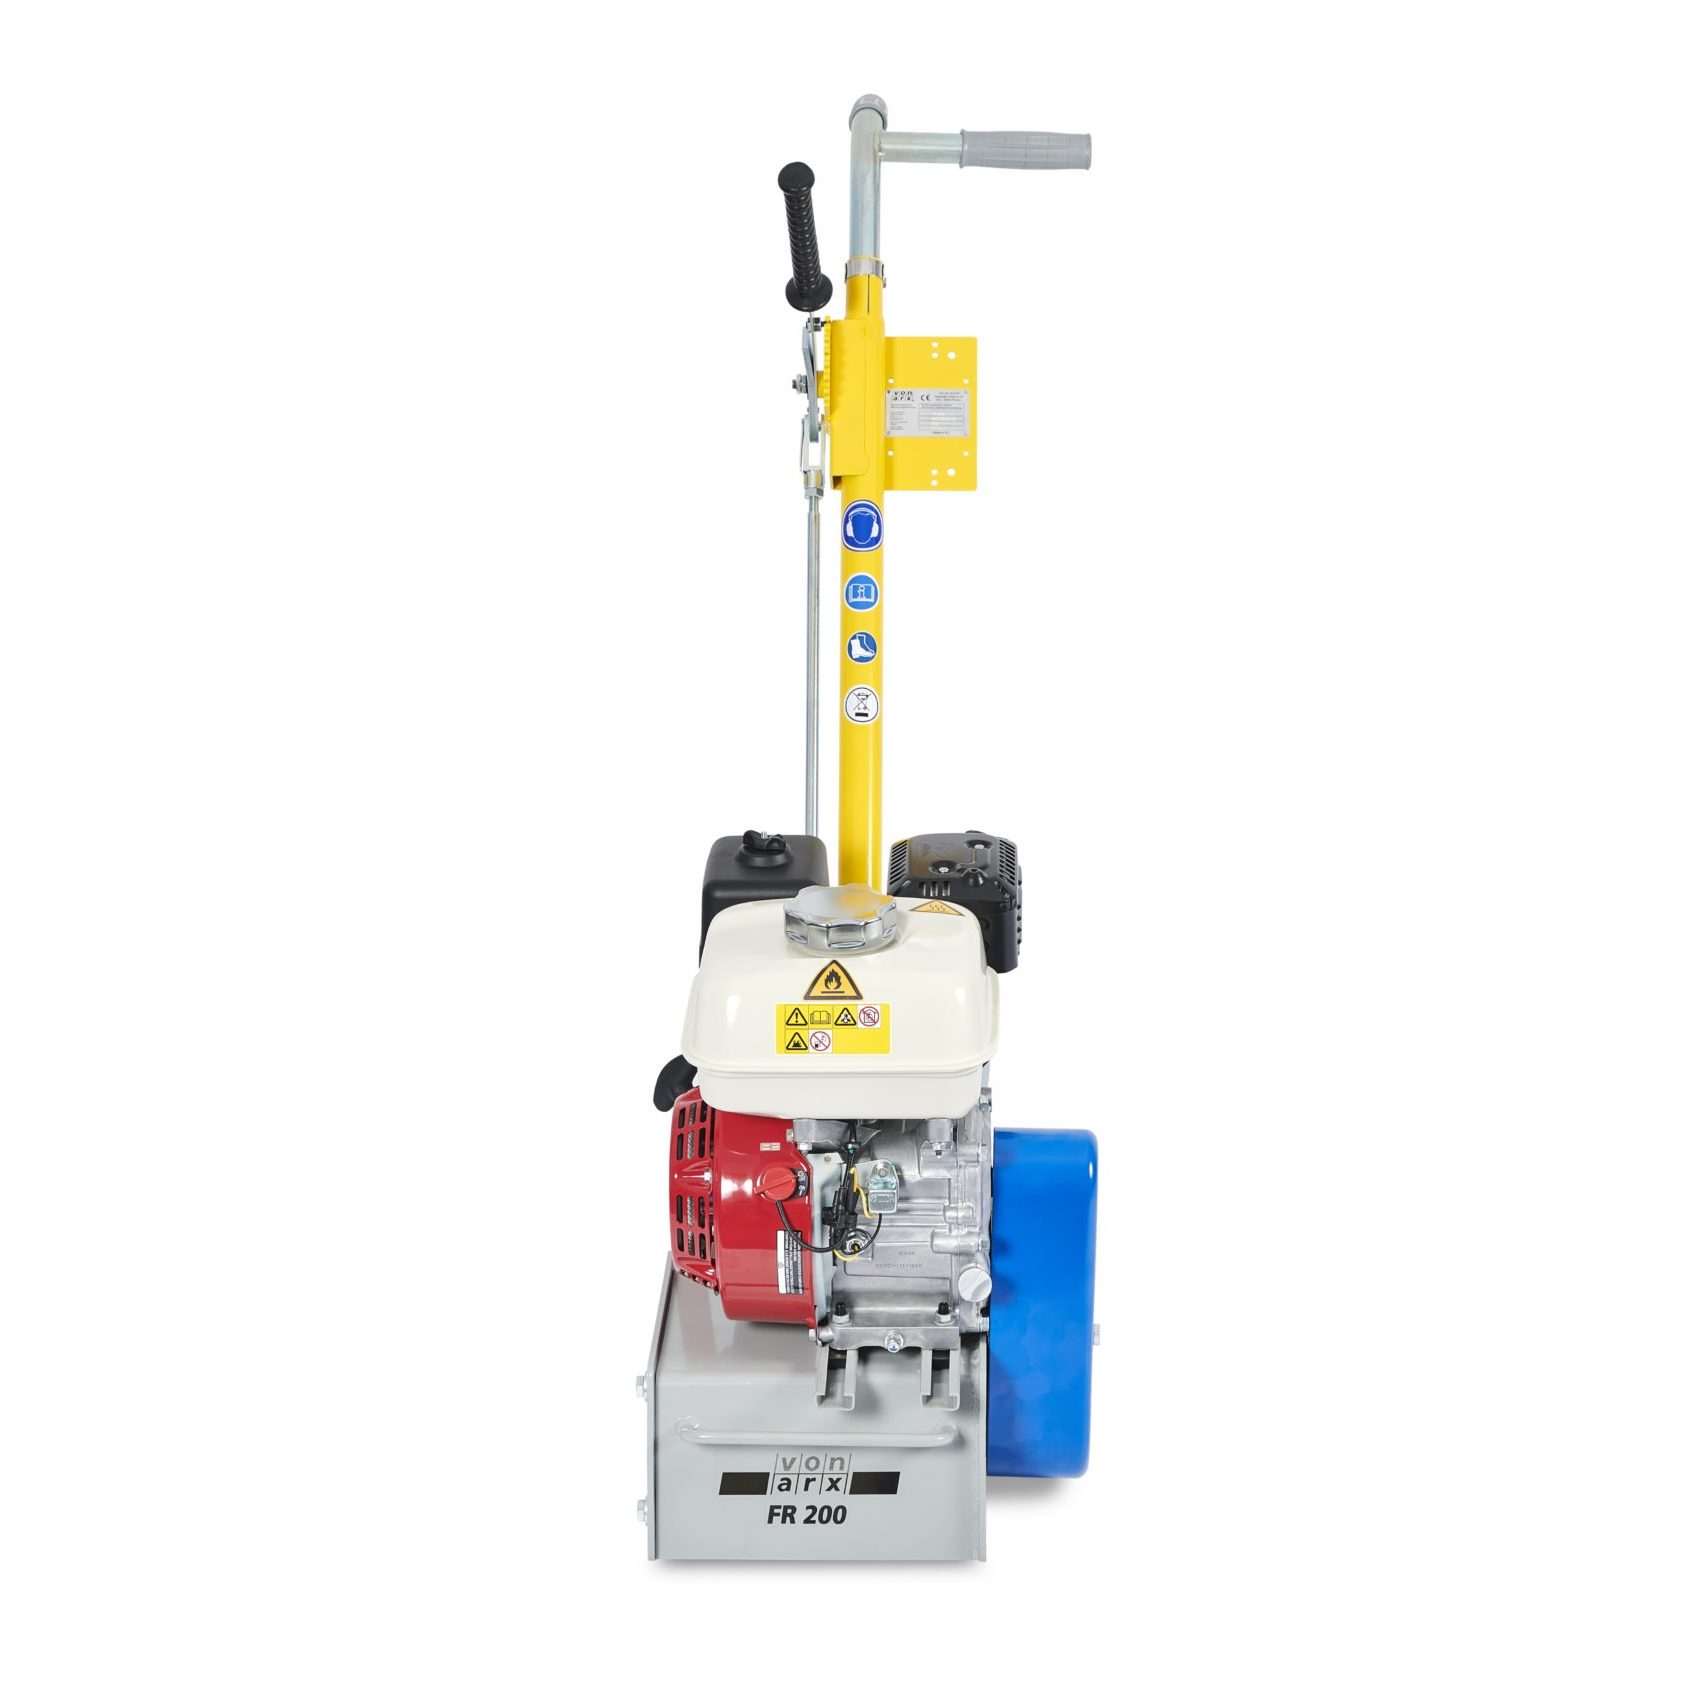 Von Arx FR200 Gas Scarifier